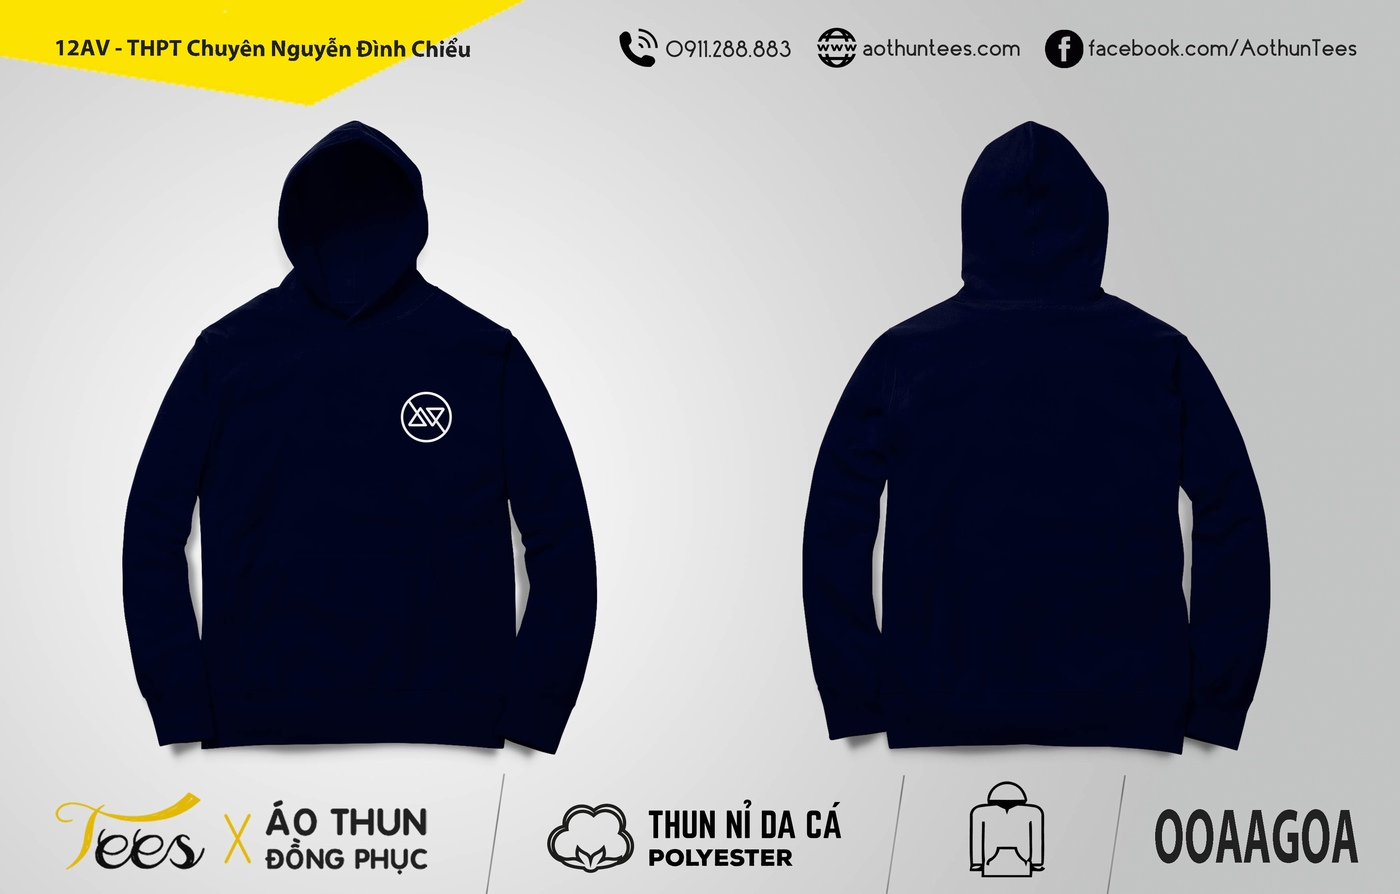 12AV THPT Chuyen Nguyen Dinh Chieu My Hang - Áo hoodie đồng phục lớp 12AV - THPT Chuyên Nguyễn Đình Chiểu